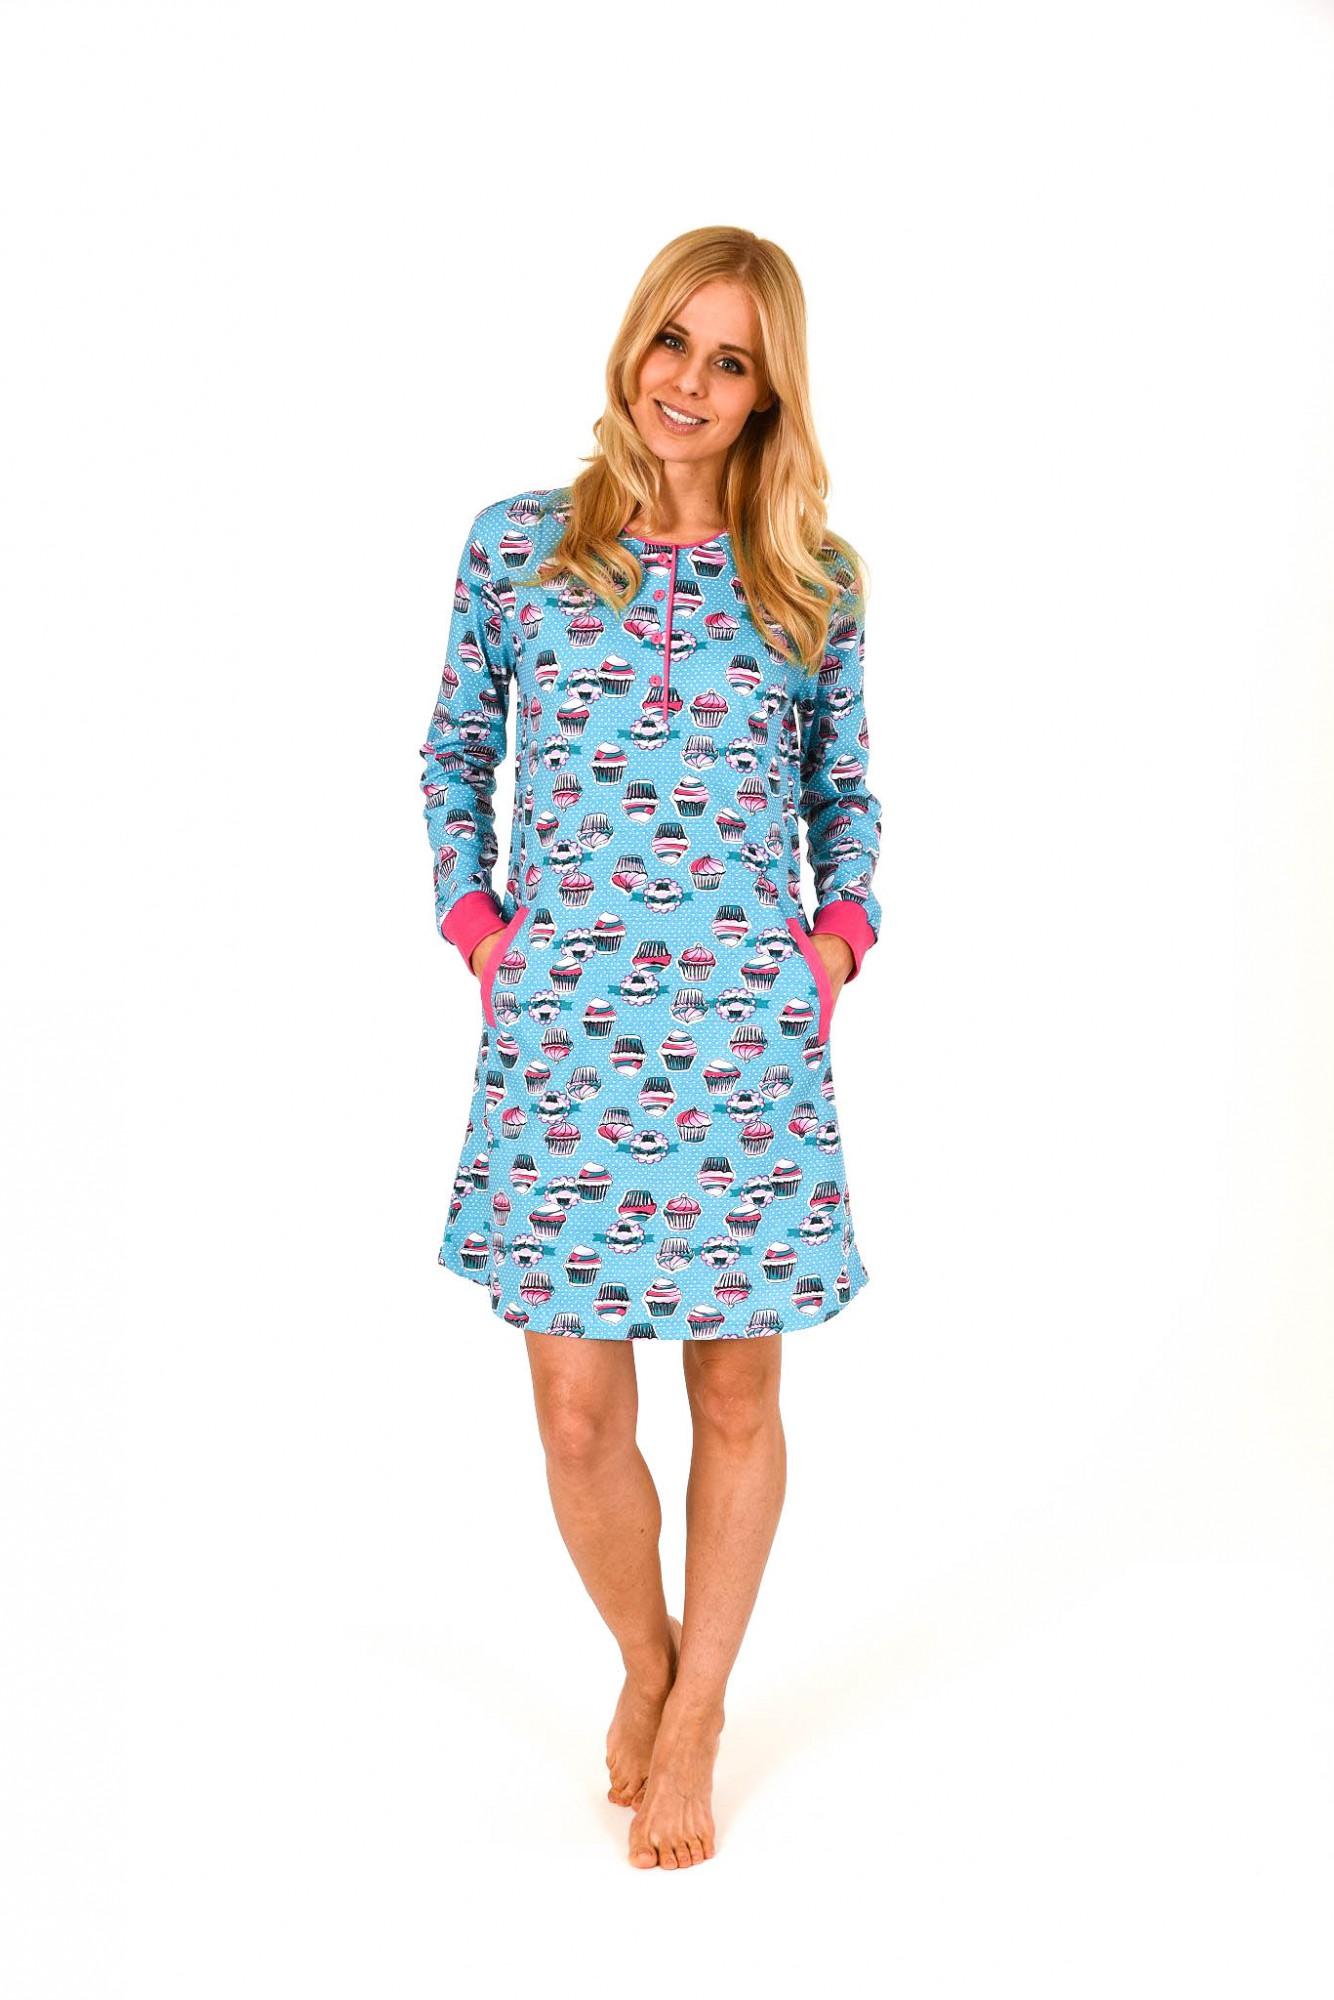 Cooles Damen Kurznachthemd mit Cupcake-Print und Bündchen – 261 213 90 103 001